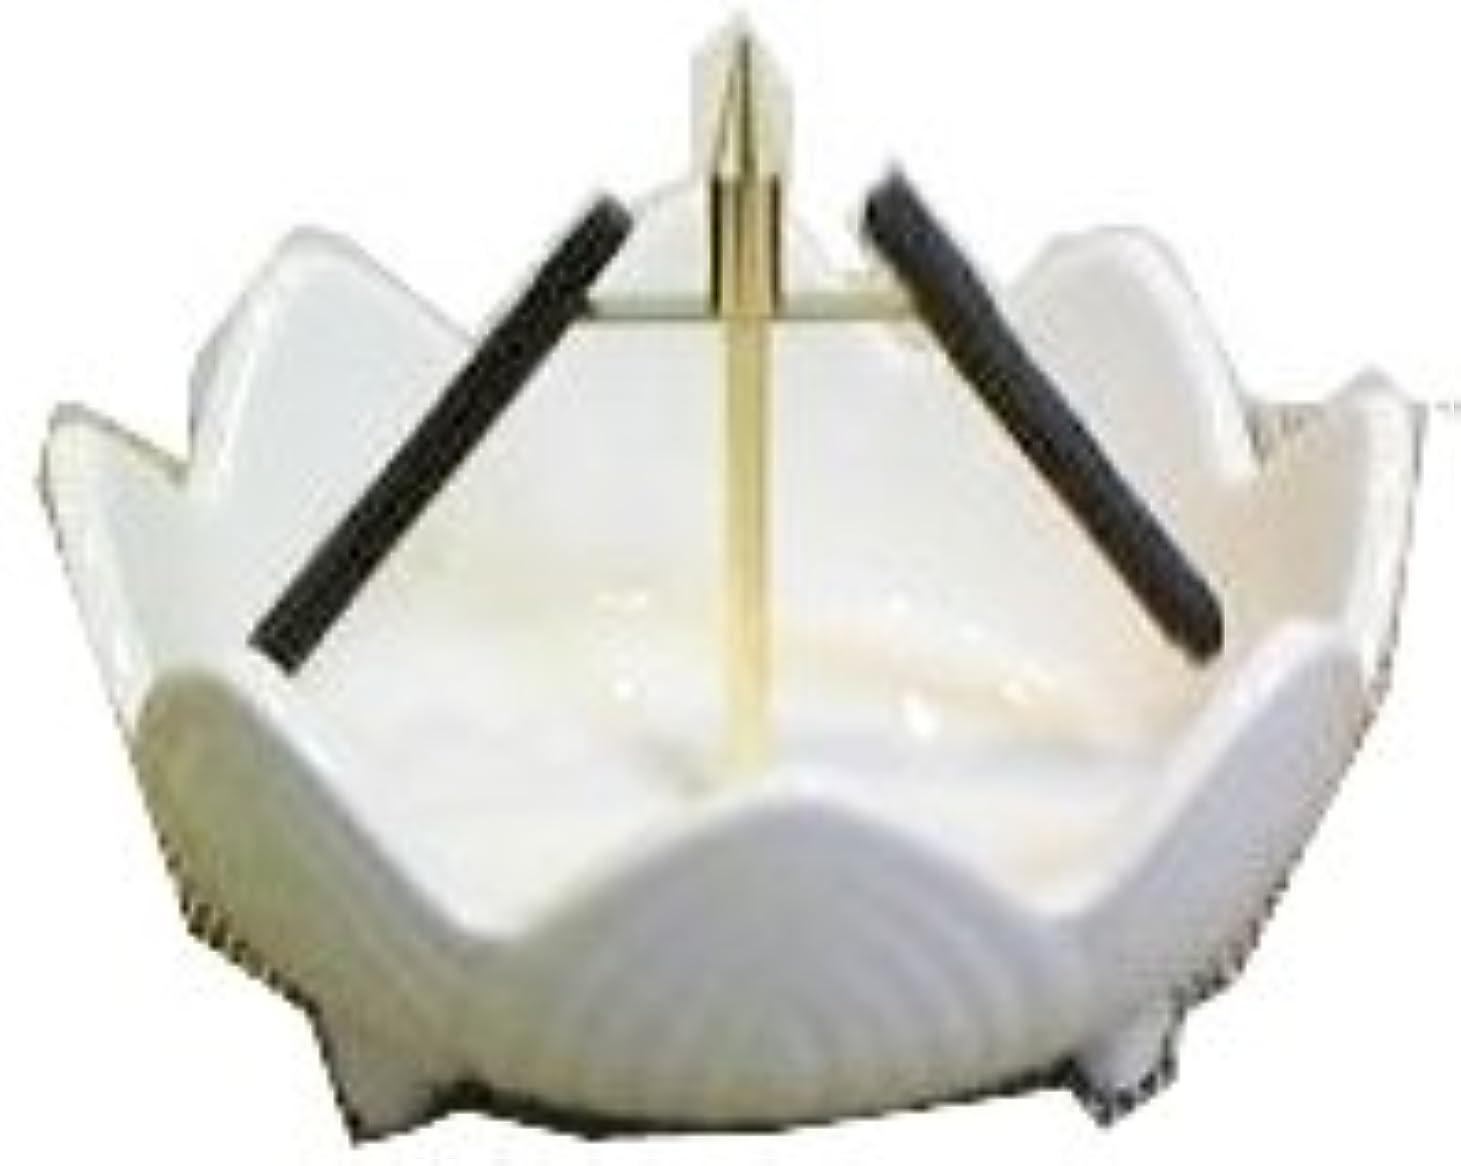 カレッジ魅力的であることへのアピールタイムリーな天空高級香蓮 渦巻き線香 うずまき 巻き線香 乗せる台 渦巻き線香台 香炉 安全糸無しタイプ 渦巻き線香皿 #842